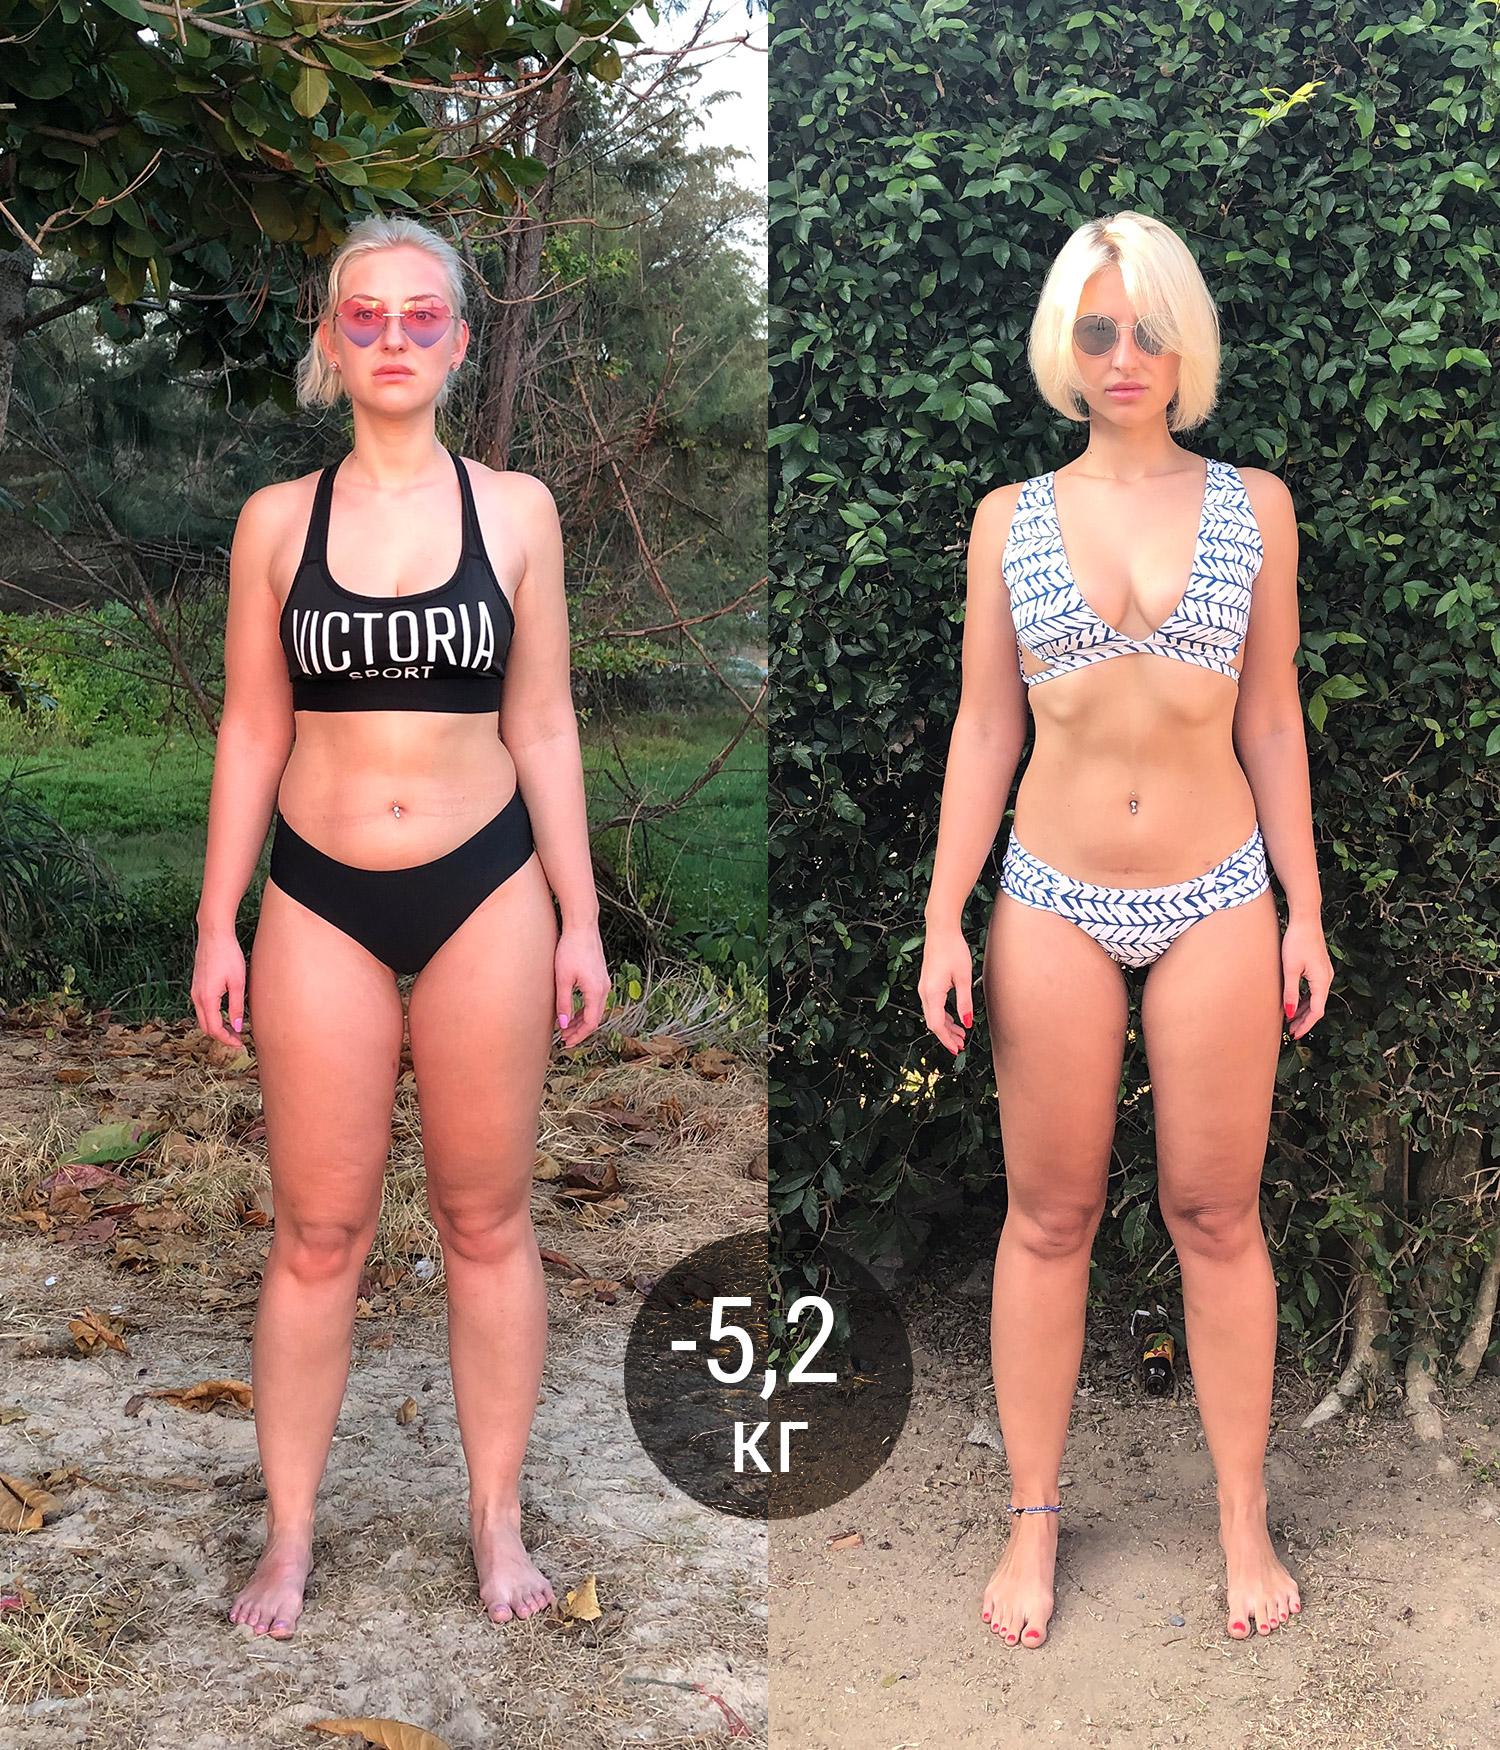 Как Похудеть На Сушке На 10 Кг. Сушка организма для похудения женщины. Меню диеты на неделю, упражнения в домашних условиях